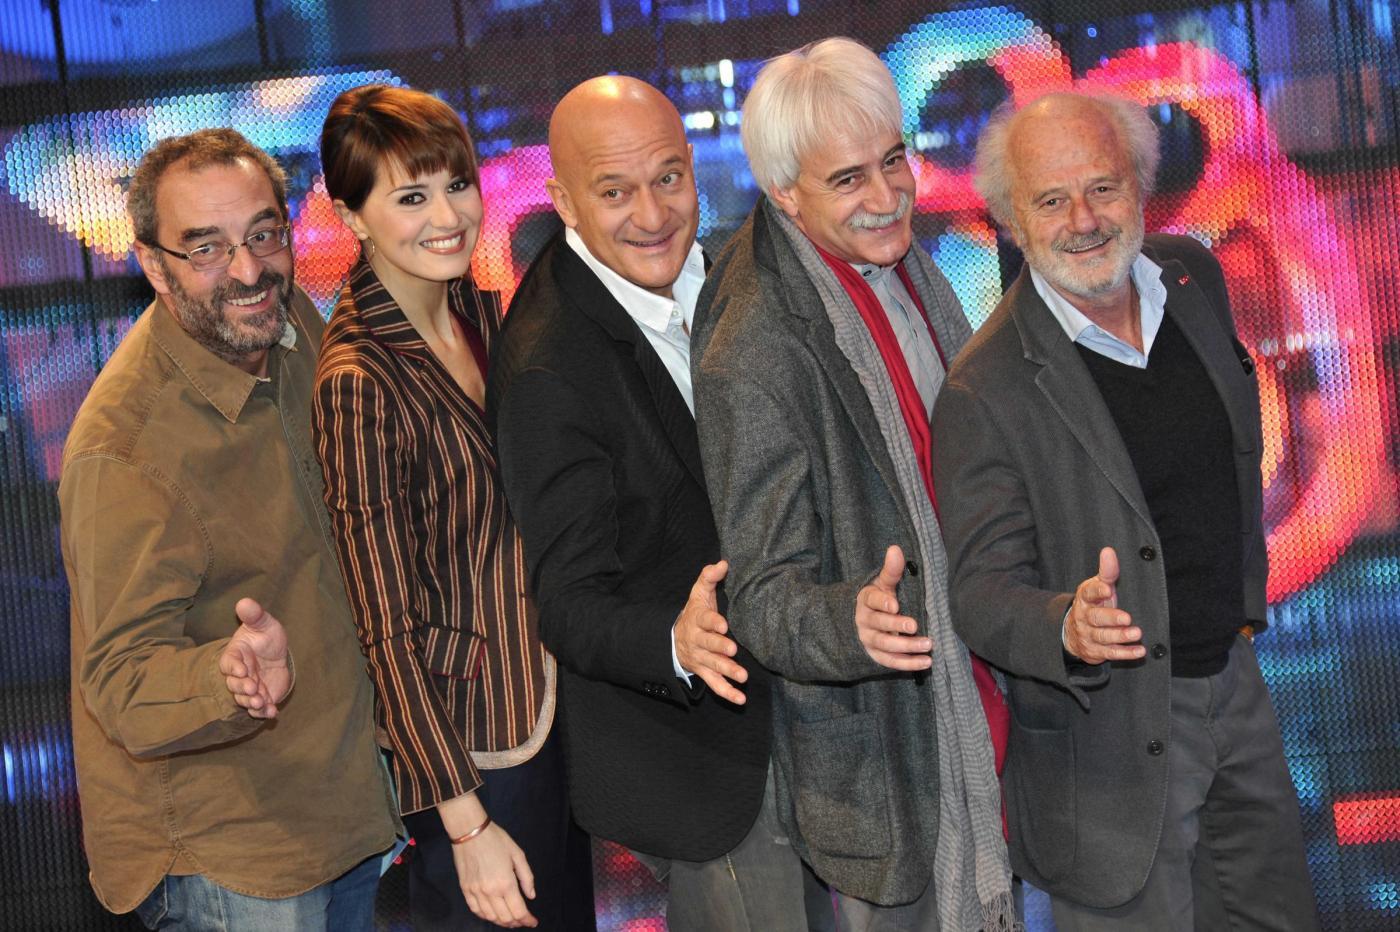 Ascolti tv venerdì 30 marzo 2012: Zelig ancora vincente con 4,4 mln